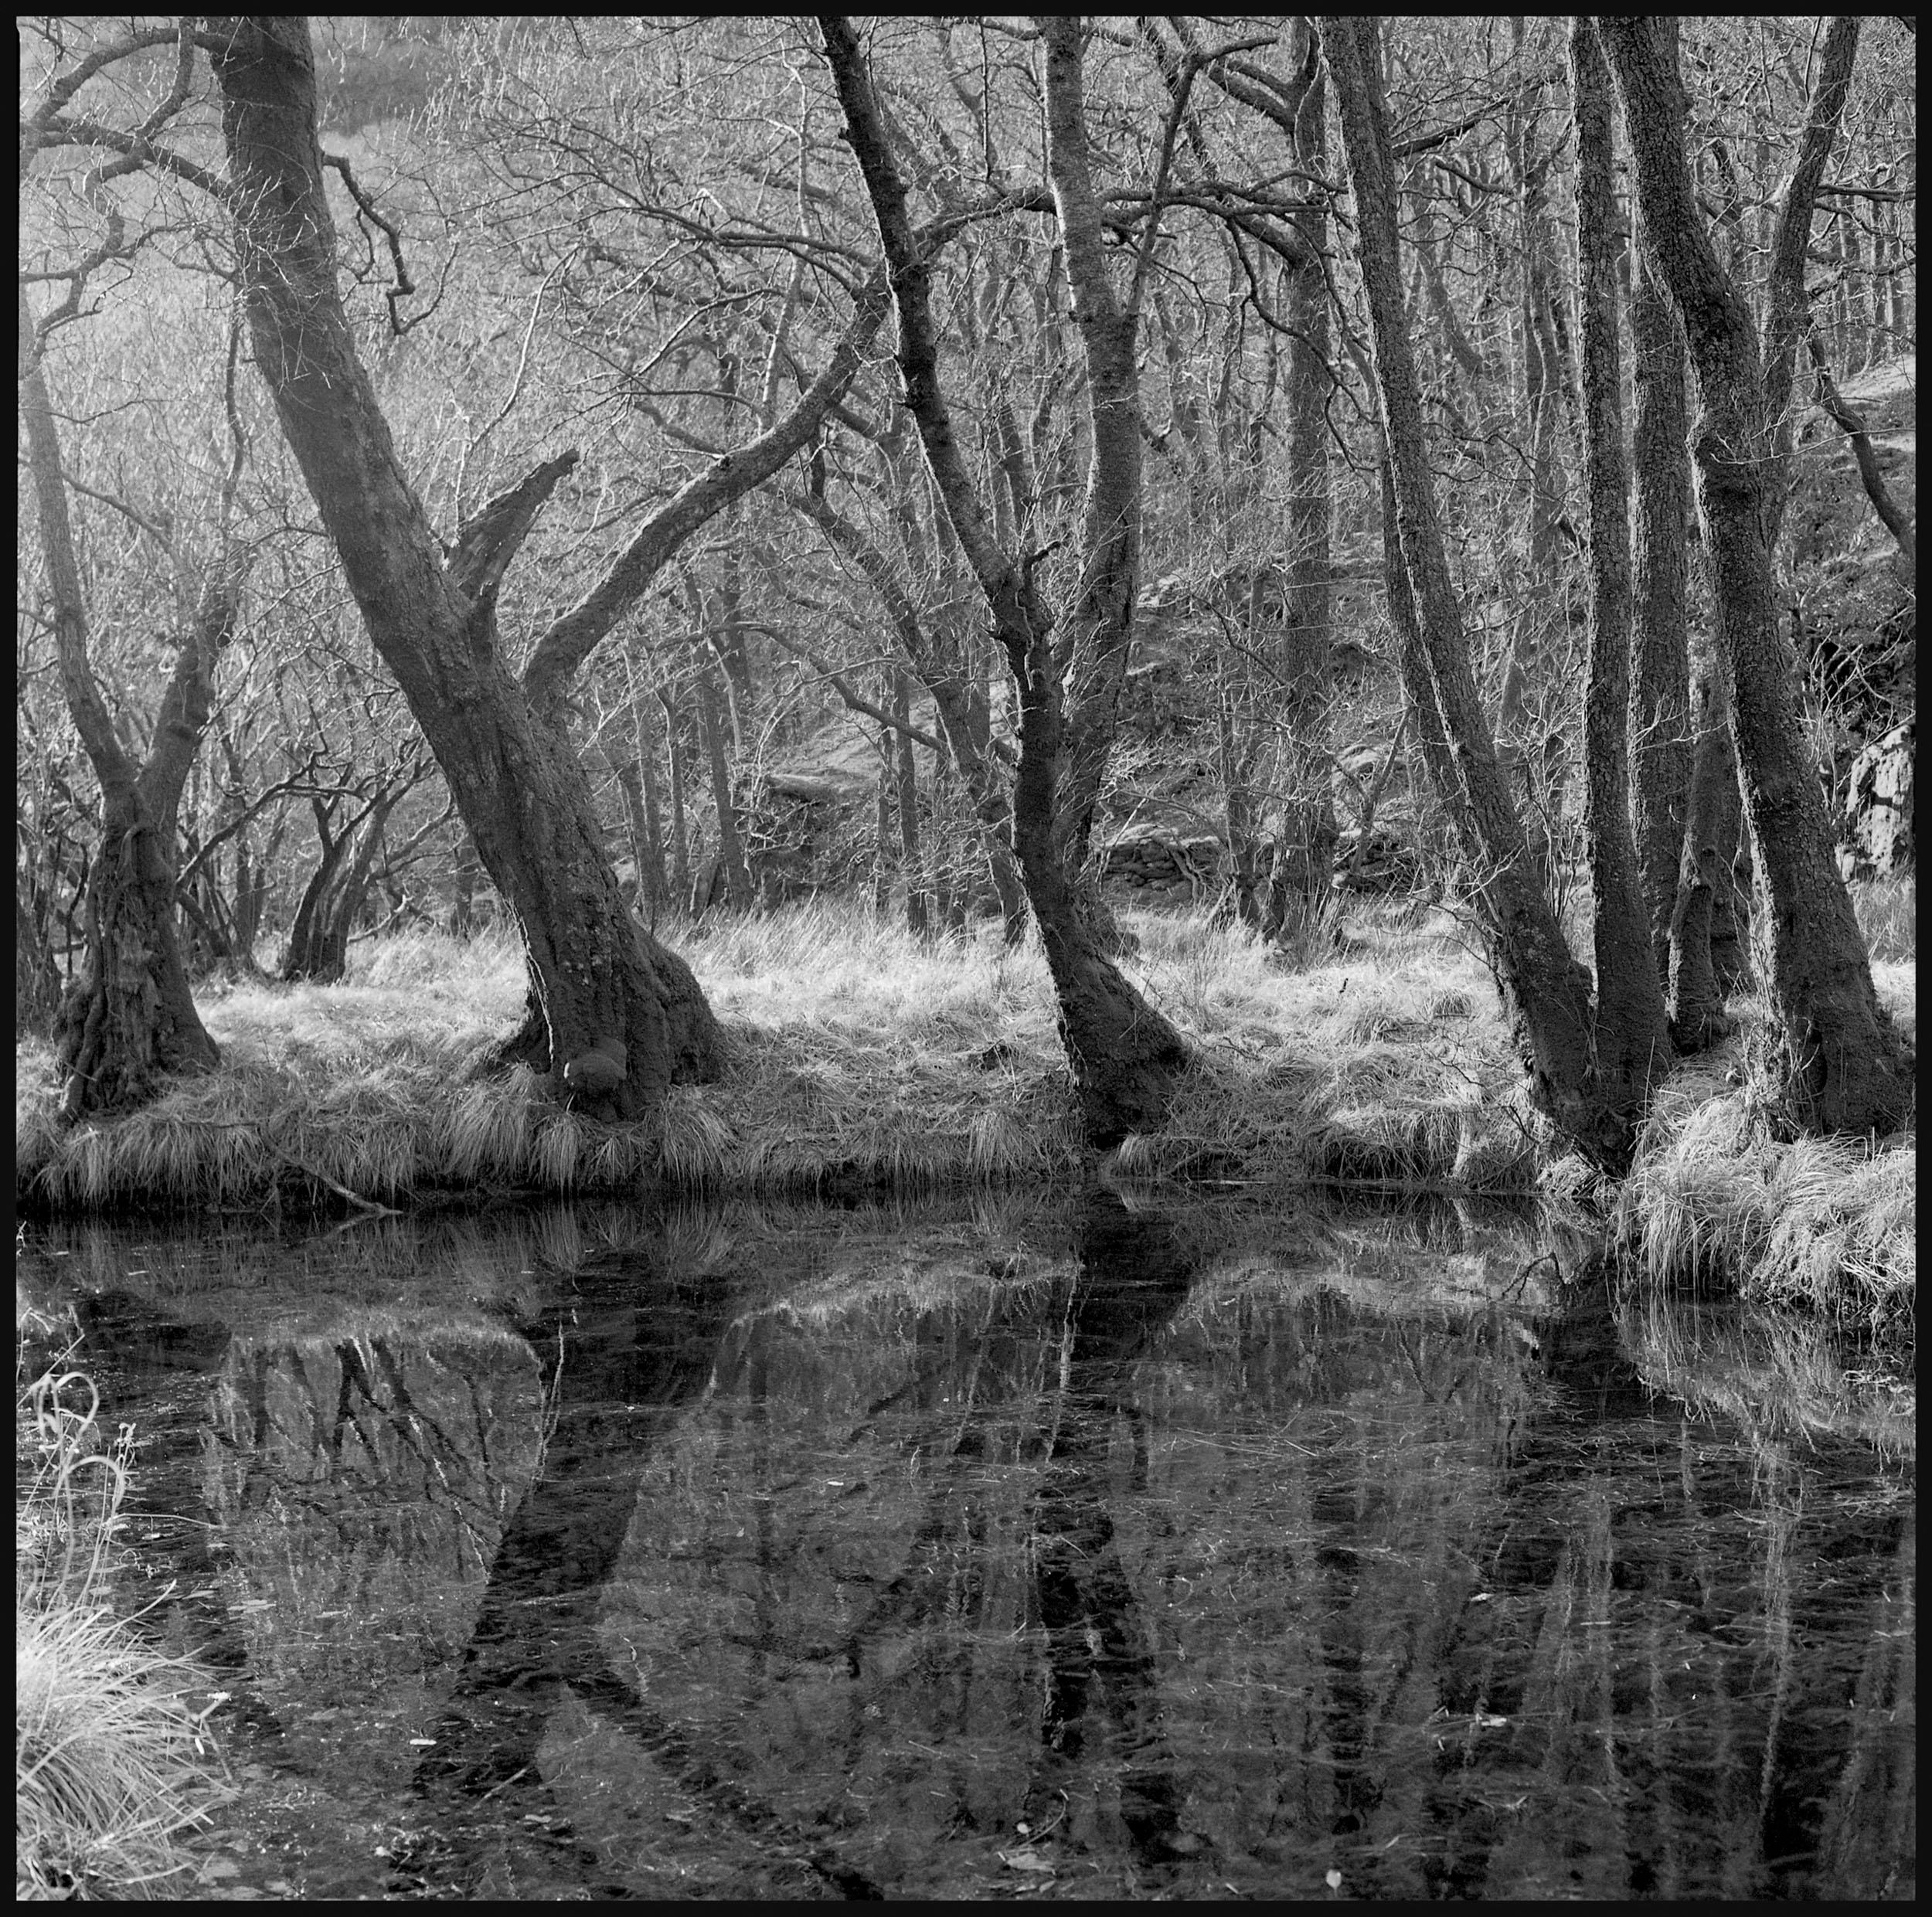 Derwentwater trees